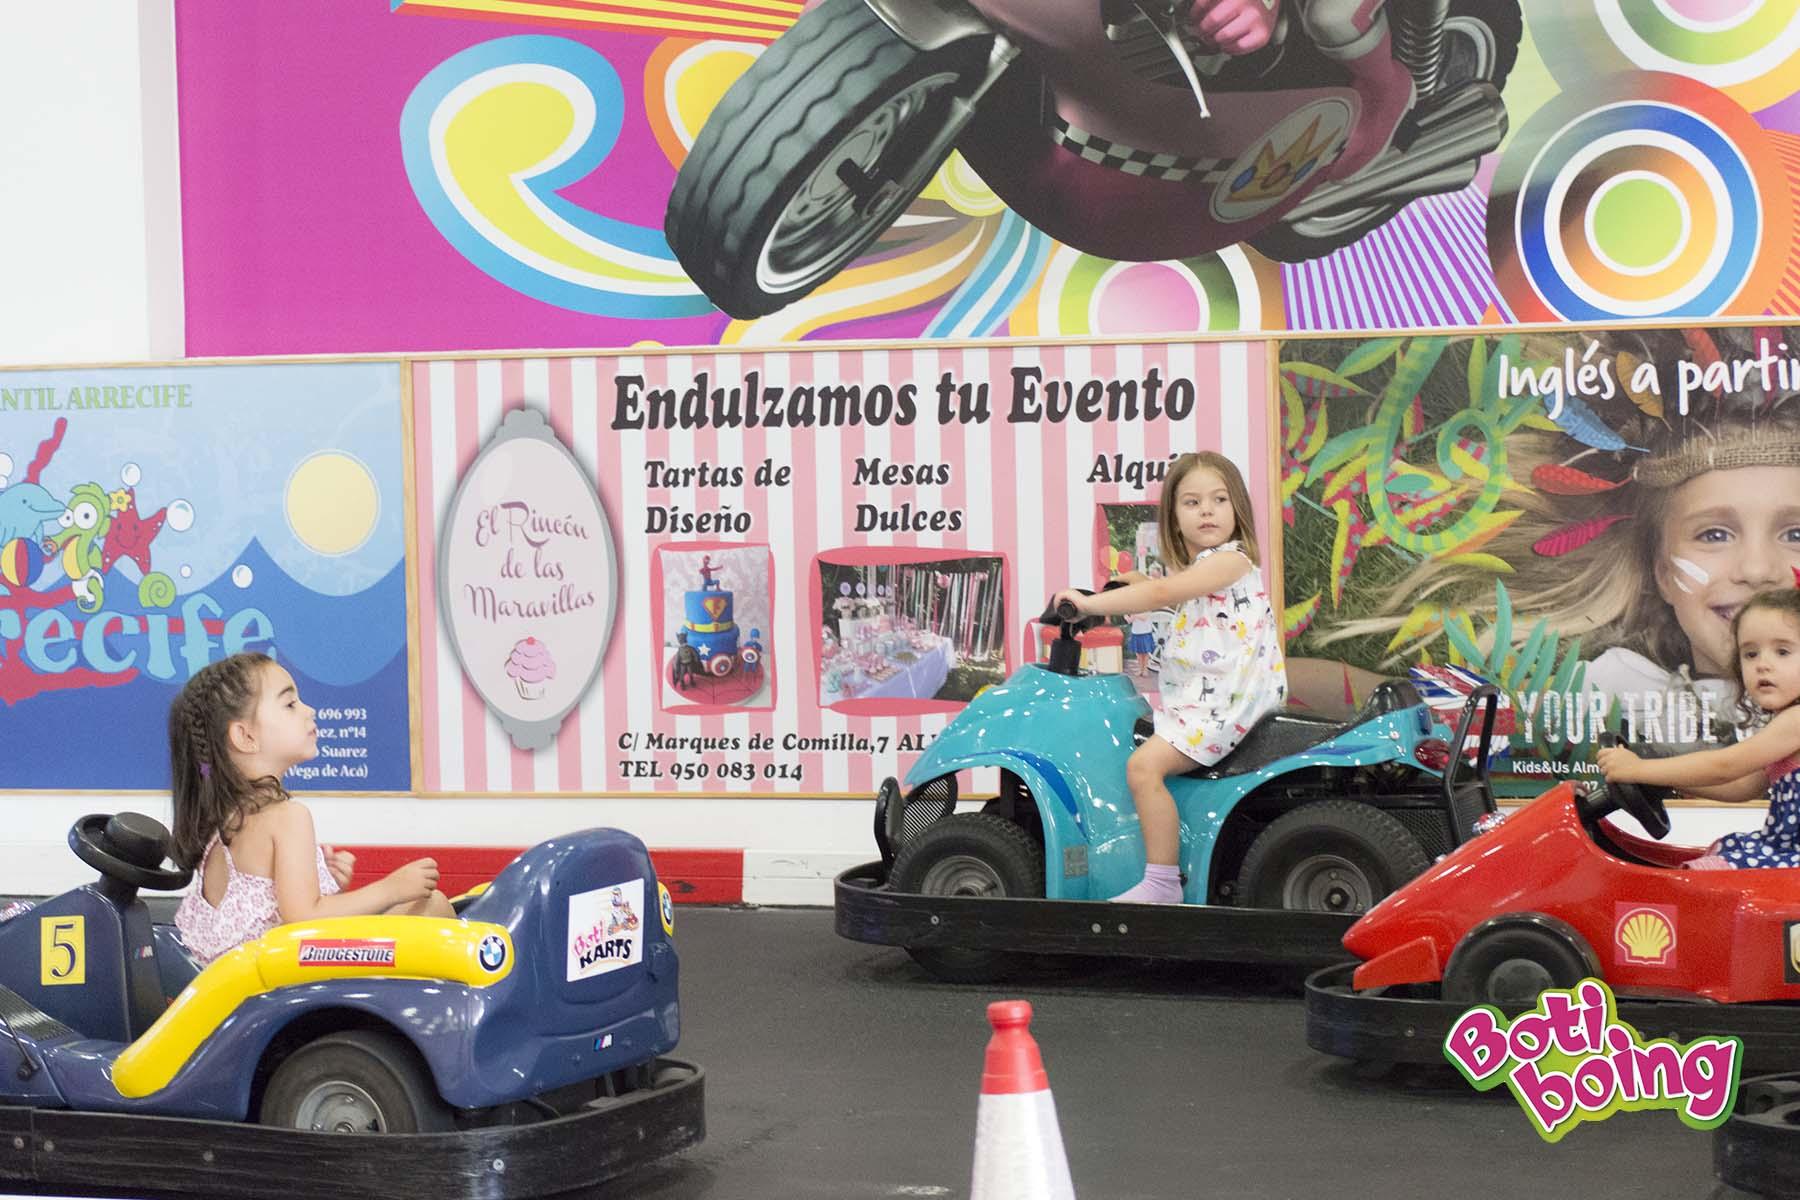 Botikarts. El mayor centro de ocio infantil de la capital de Almería